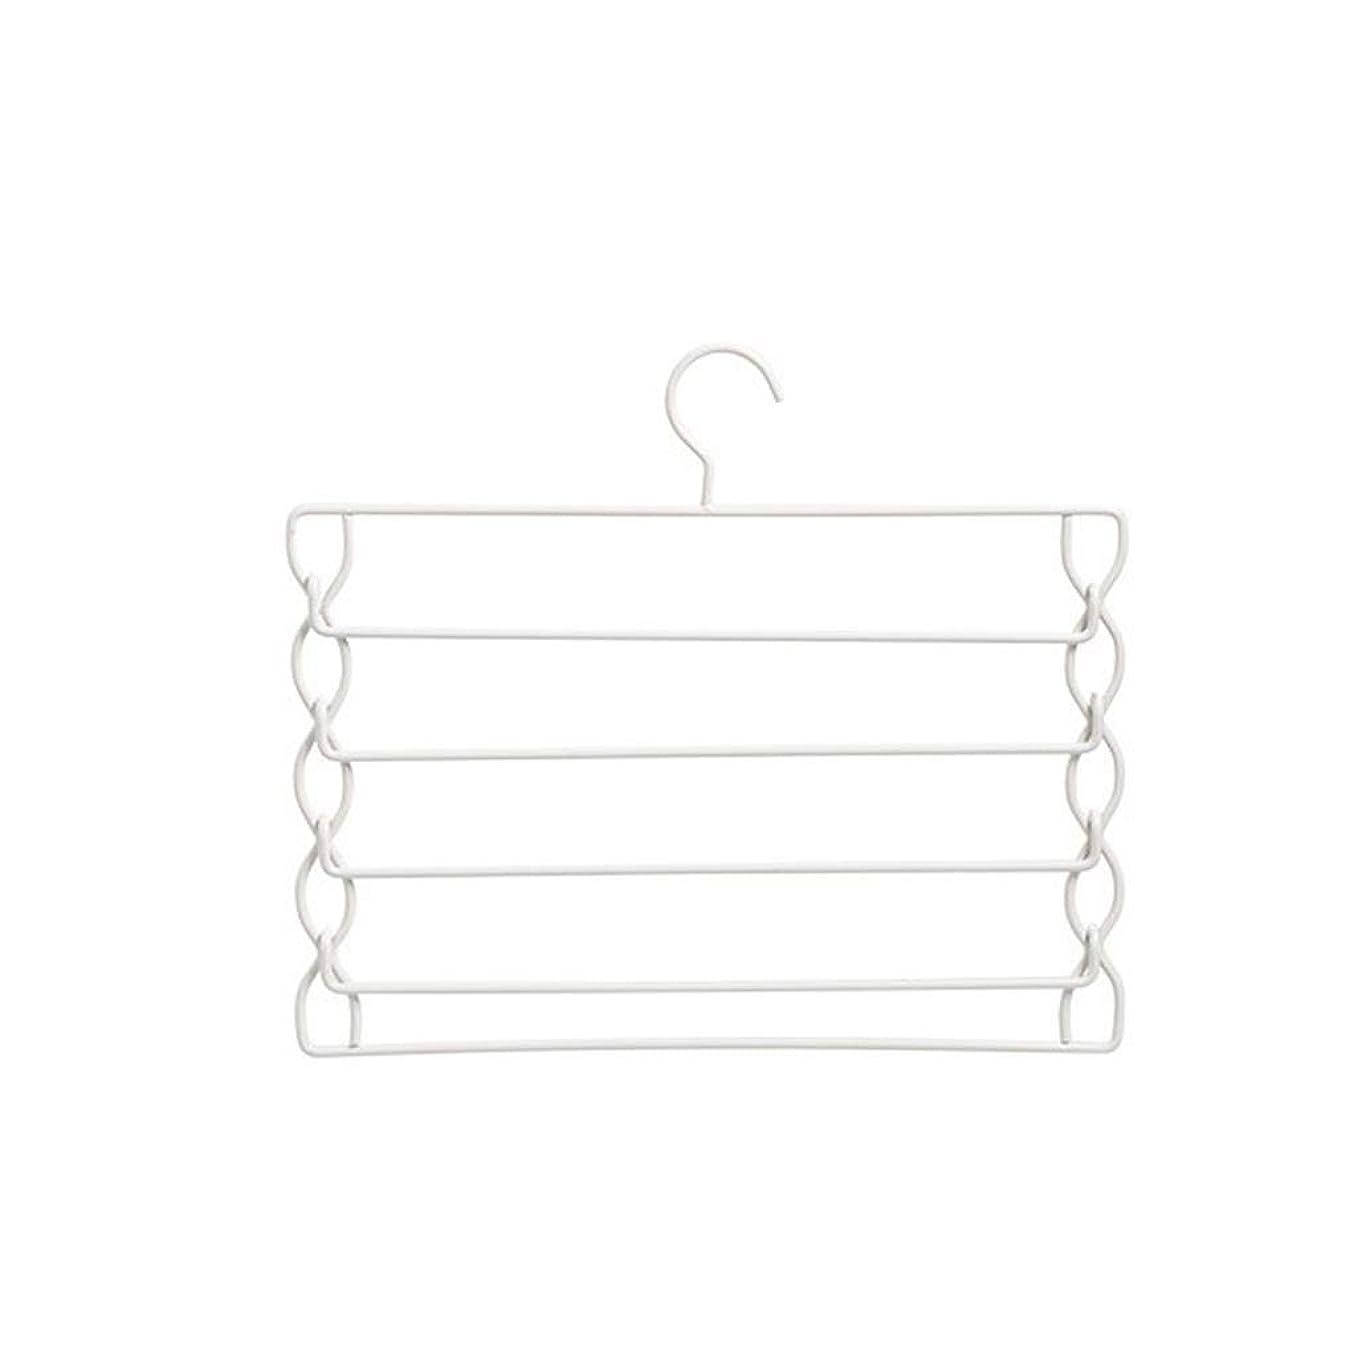 昇進受益者弁護パンツハンガー、省スペースの洋服ハンガークローゼット収納オーガナイザー、ノースリップマルチパンツハンガーのジーンズのズボン、スカート、スカーフ (Color : White, Size : 1 pack)